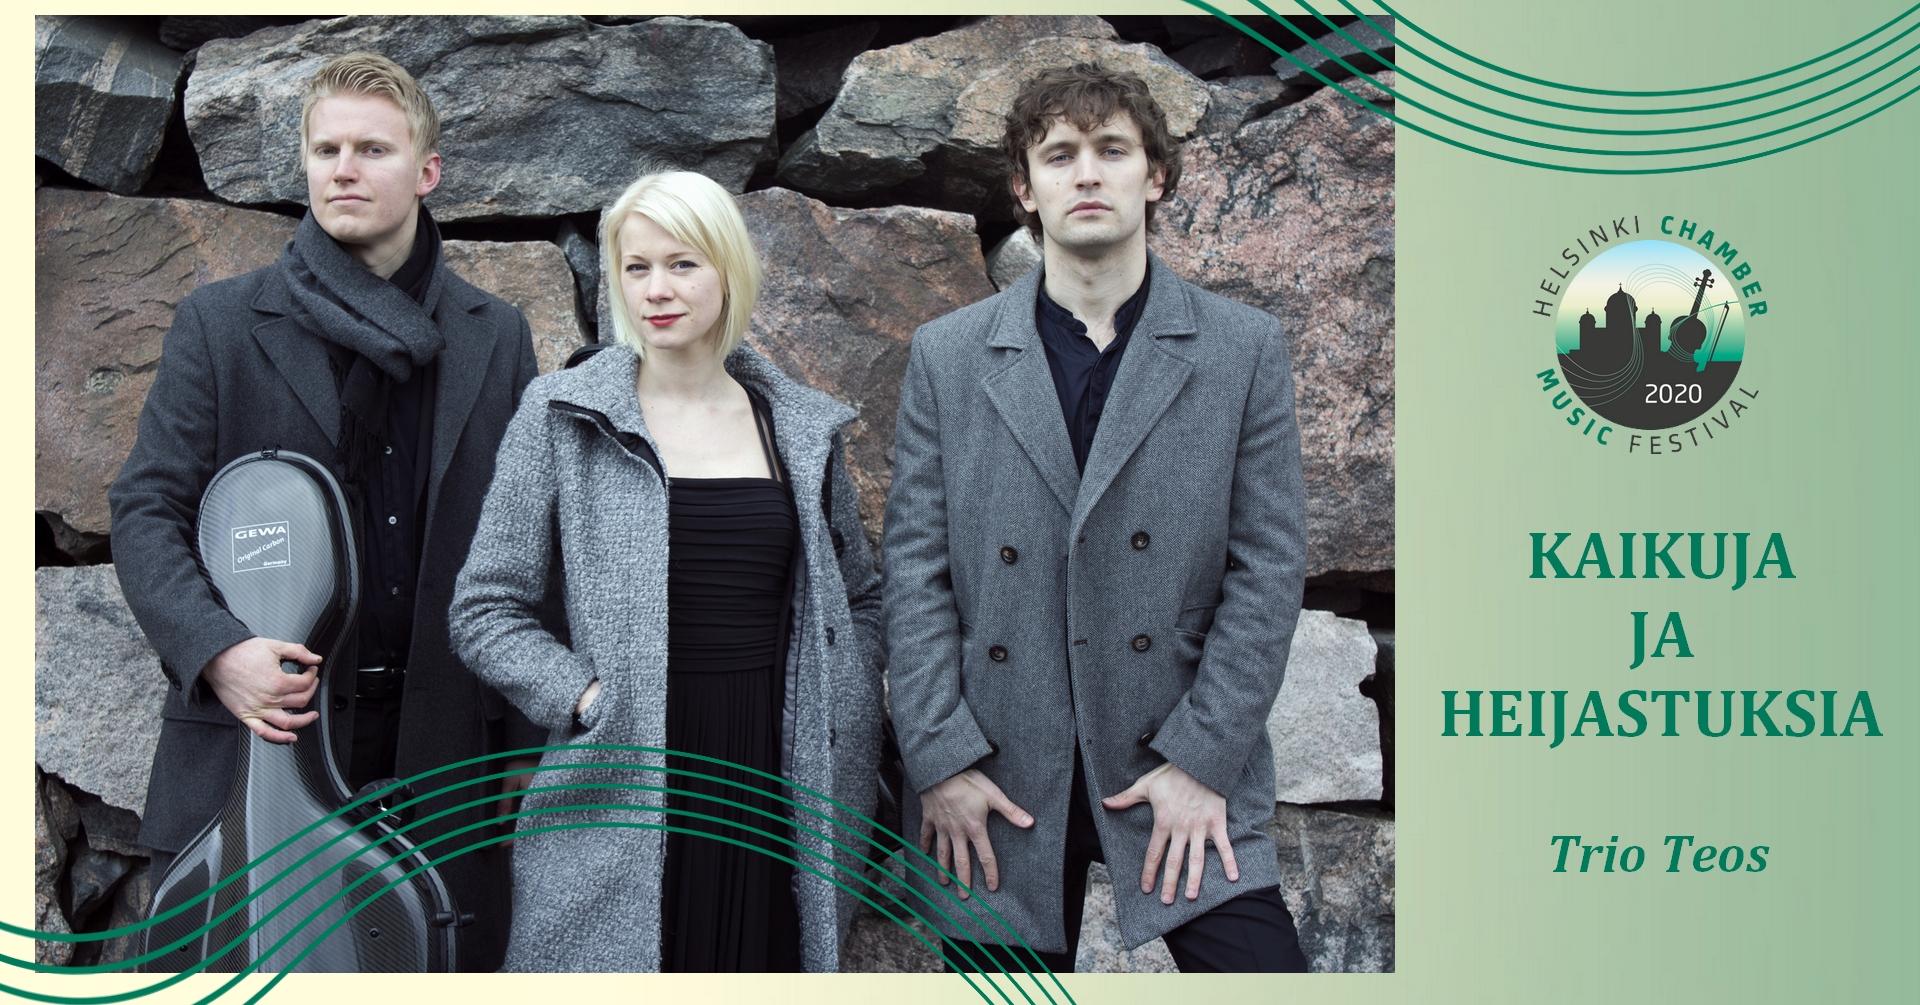 Linkki tapahtumaan  Helsinki Chamber Music Festival: Kaikuja ja heijastuksia